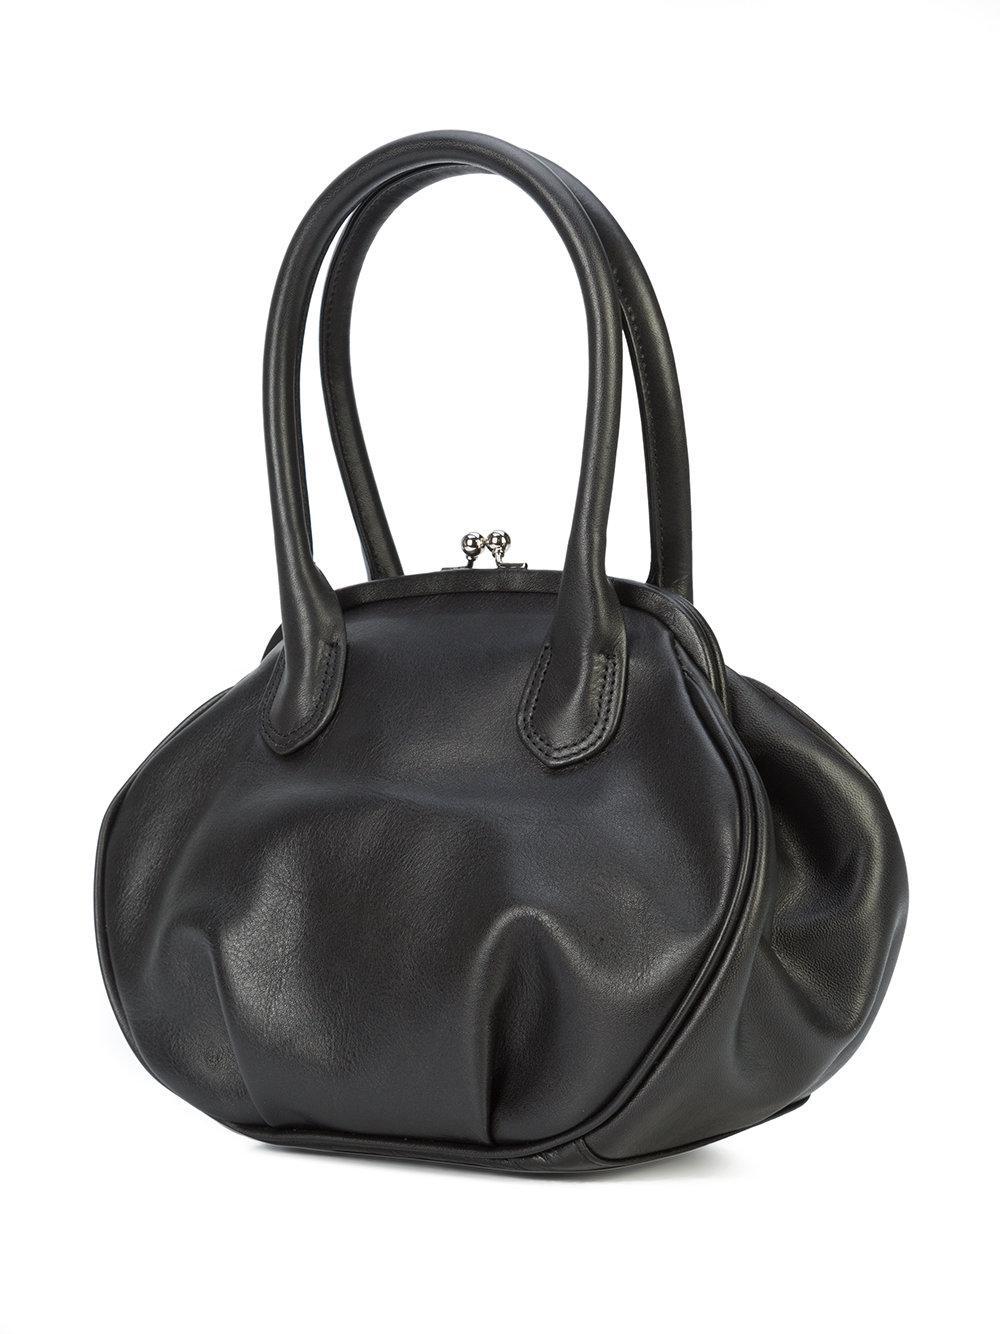 round clasp bag - Black Yohji Yamamoto Fss44